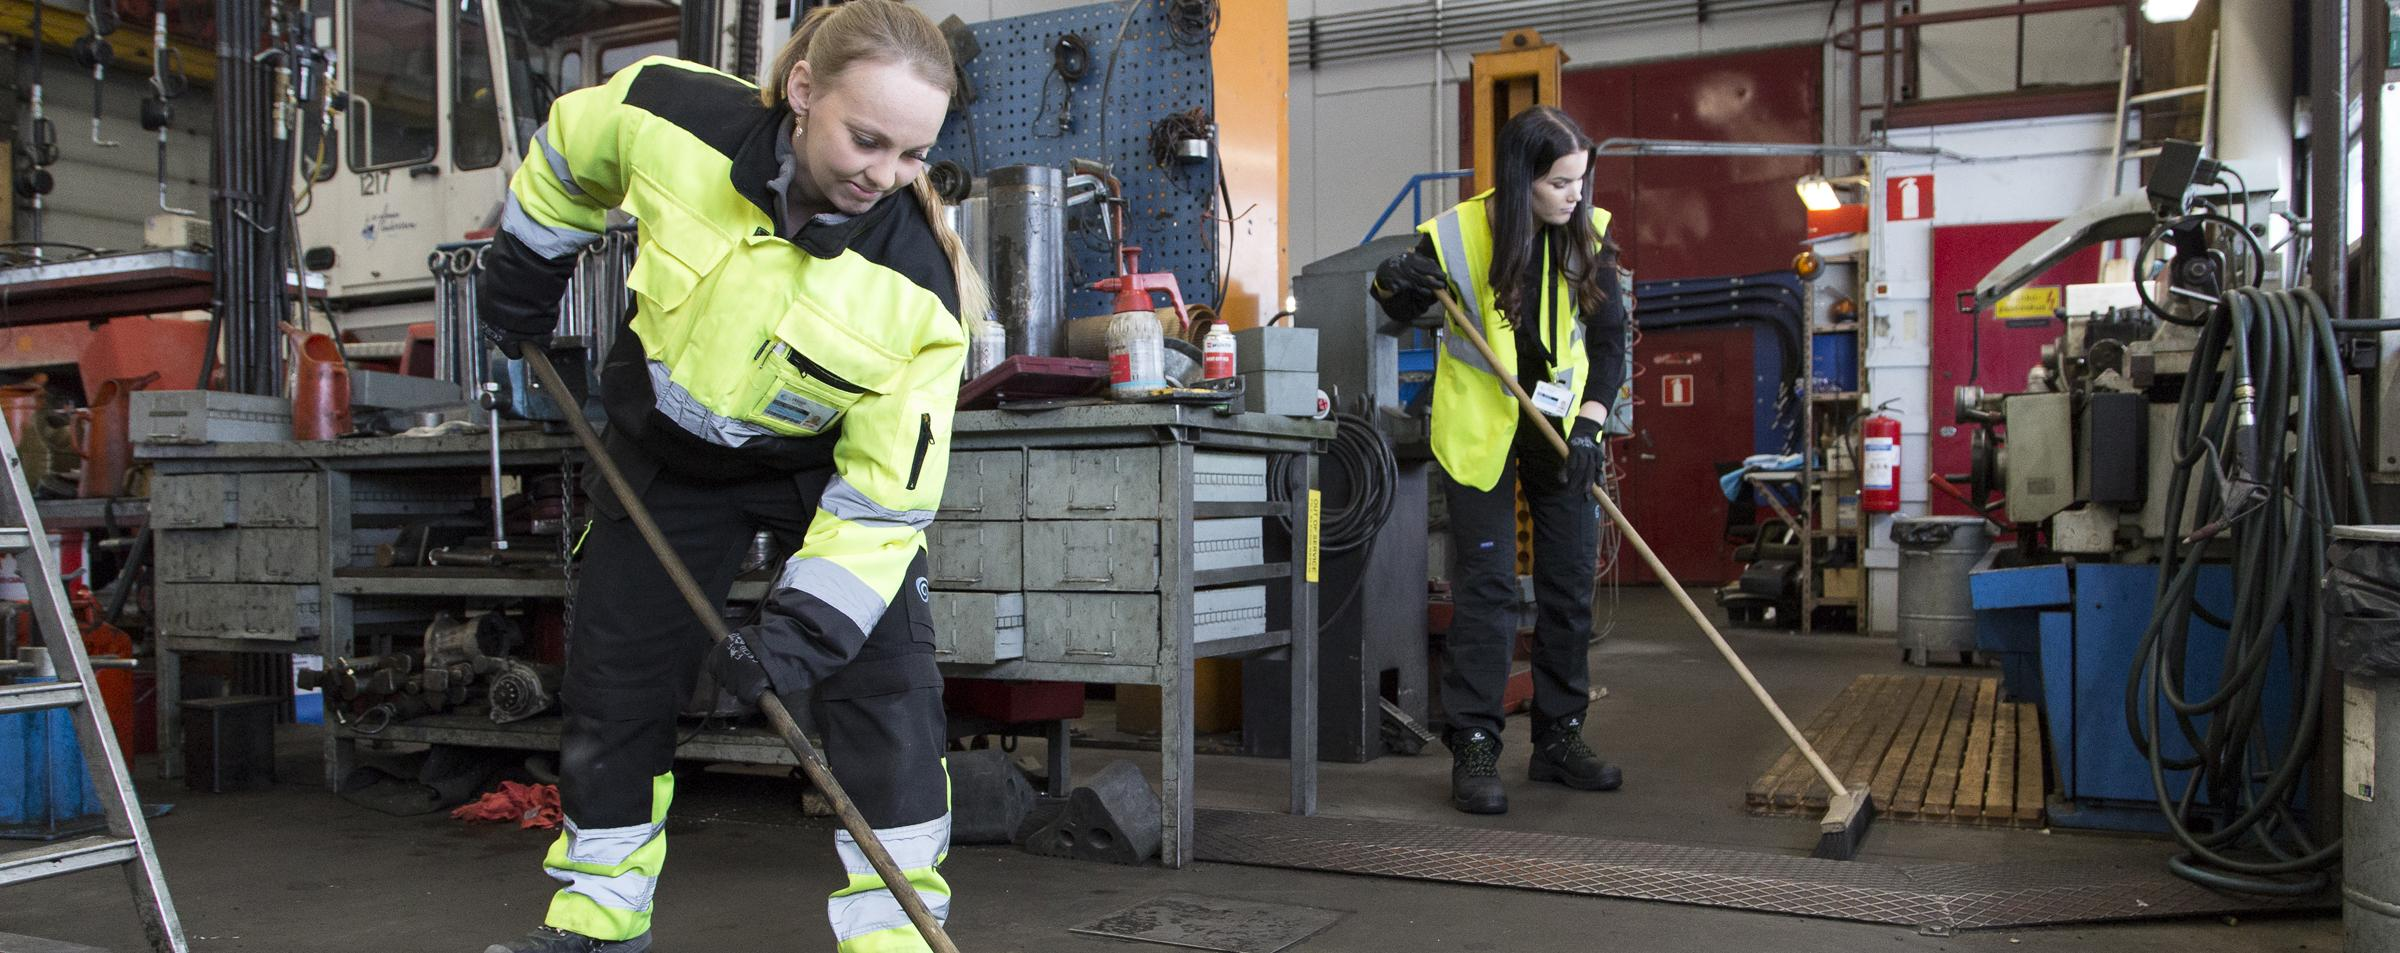 Wash palvelut - rakennusliikkeille